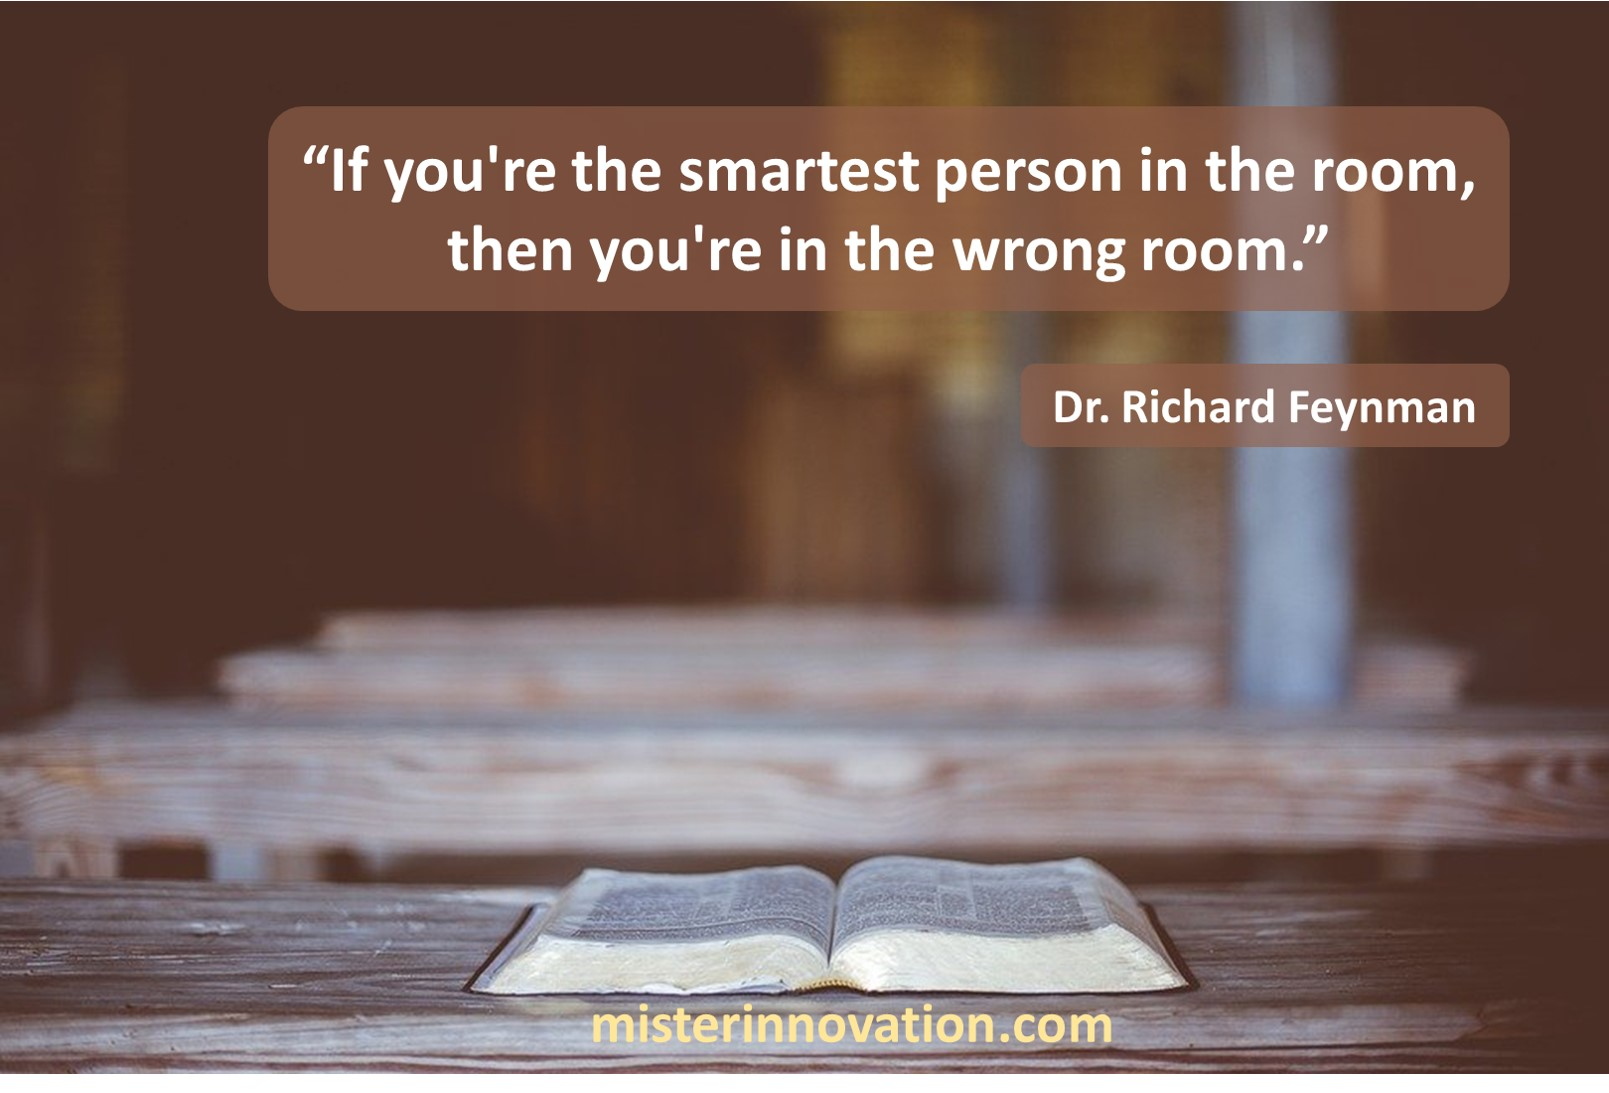 Richard Feynman Smartest Person